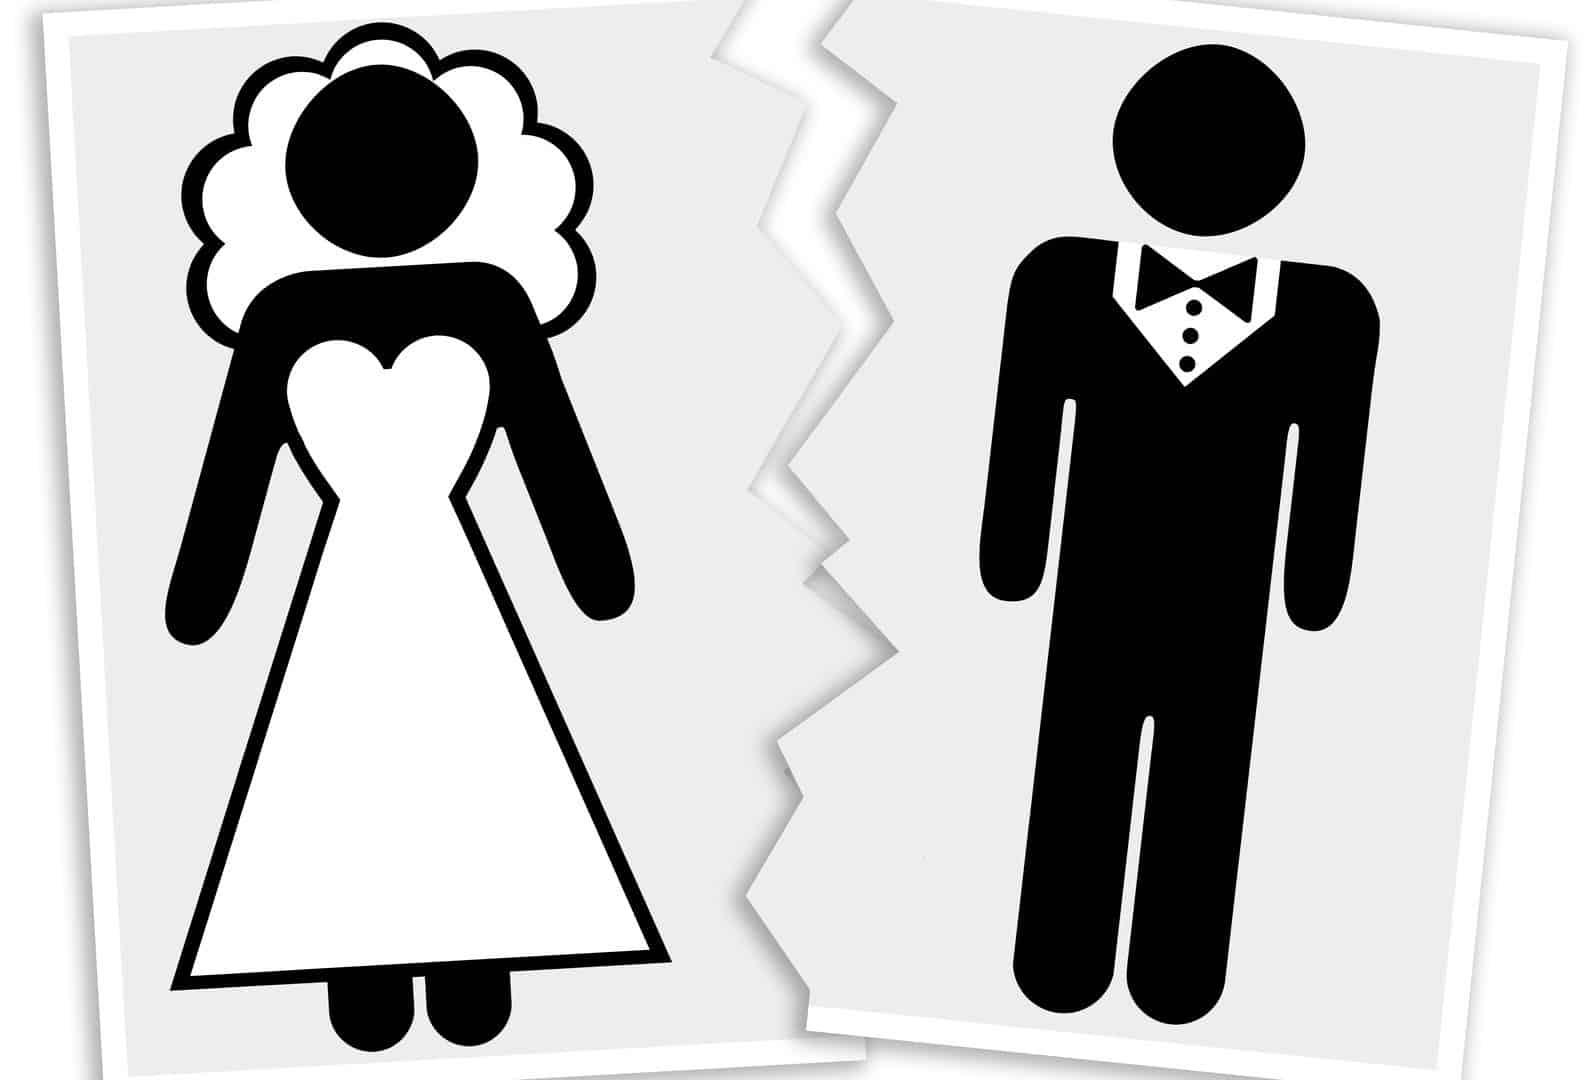 Marito lontano chiede ad un amico di fare una fotografia alla moglie e di mandargliela, quando vede lo scatto chiede immediatamente il divorzio